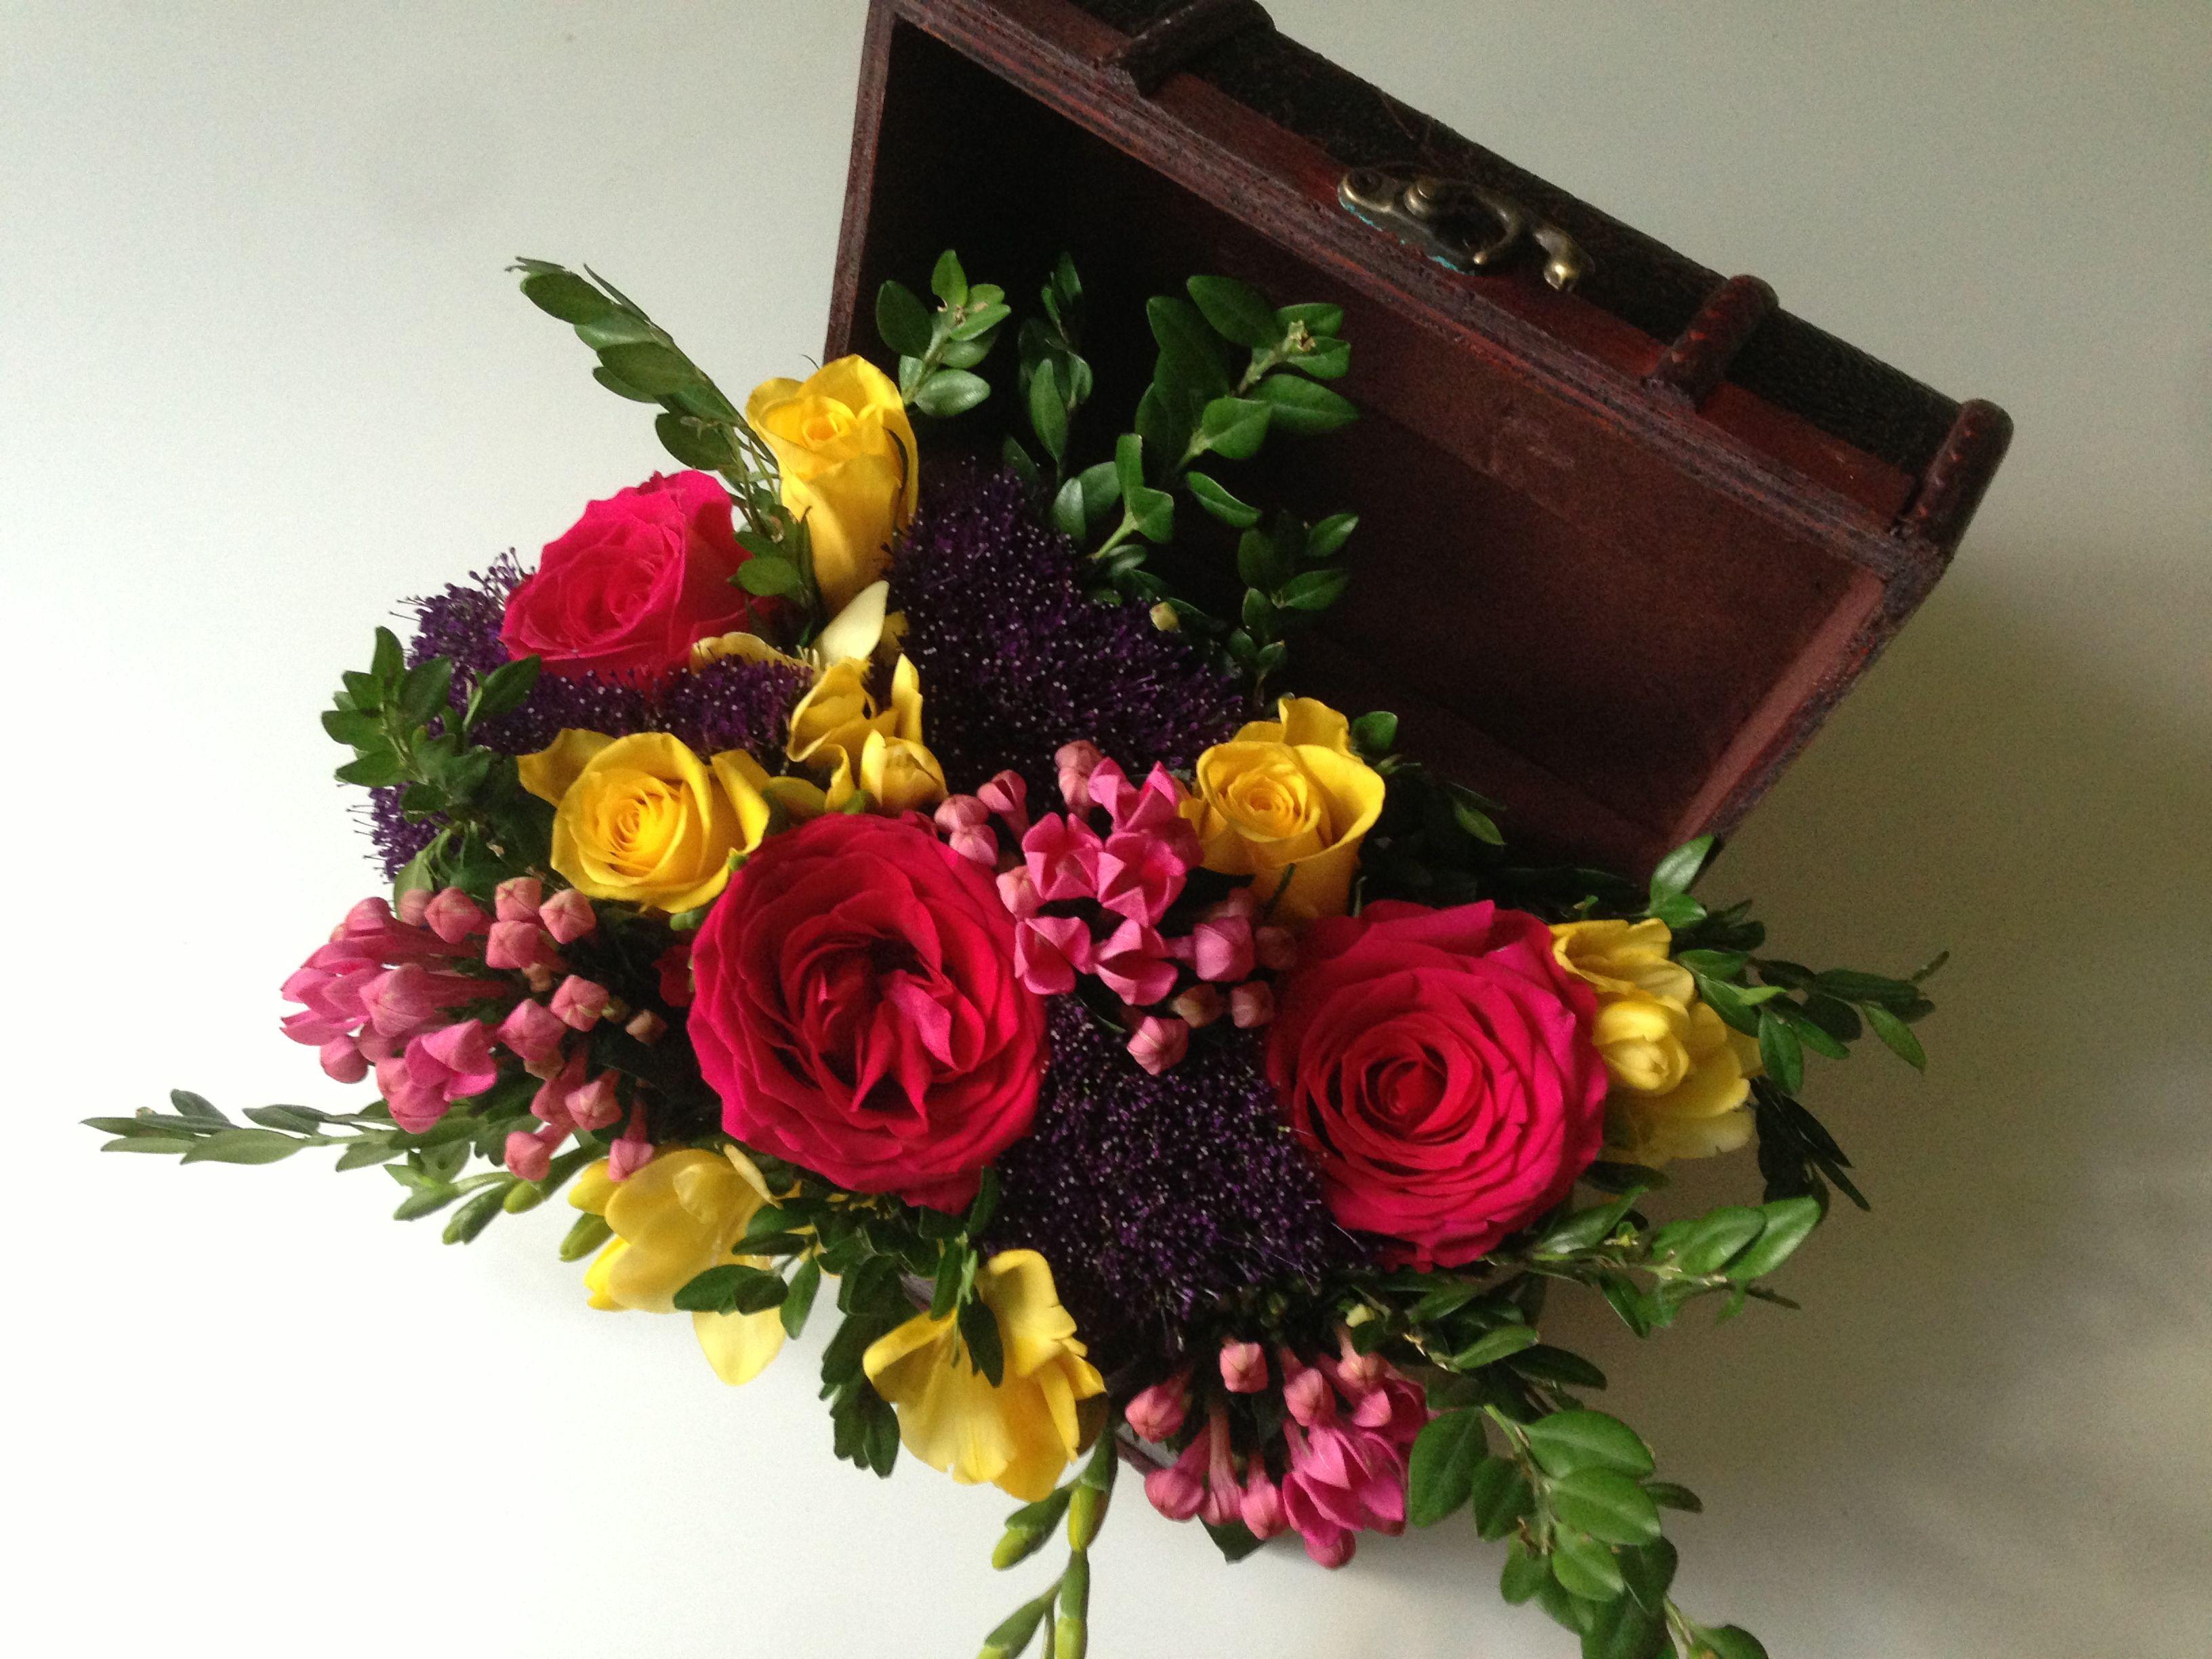 Цветов, букет в сундучке фото